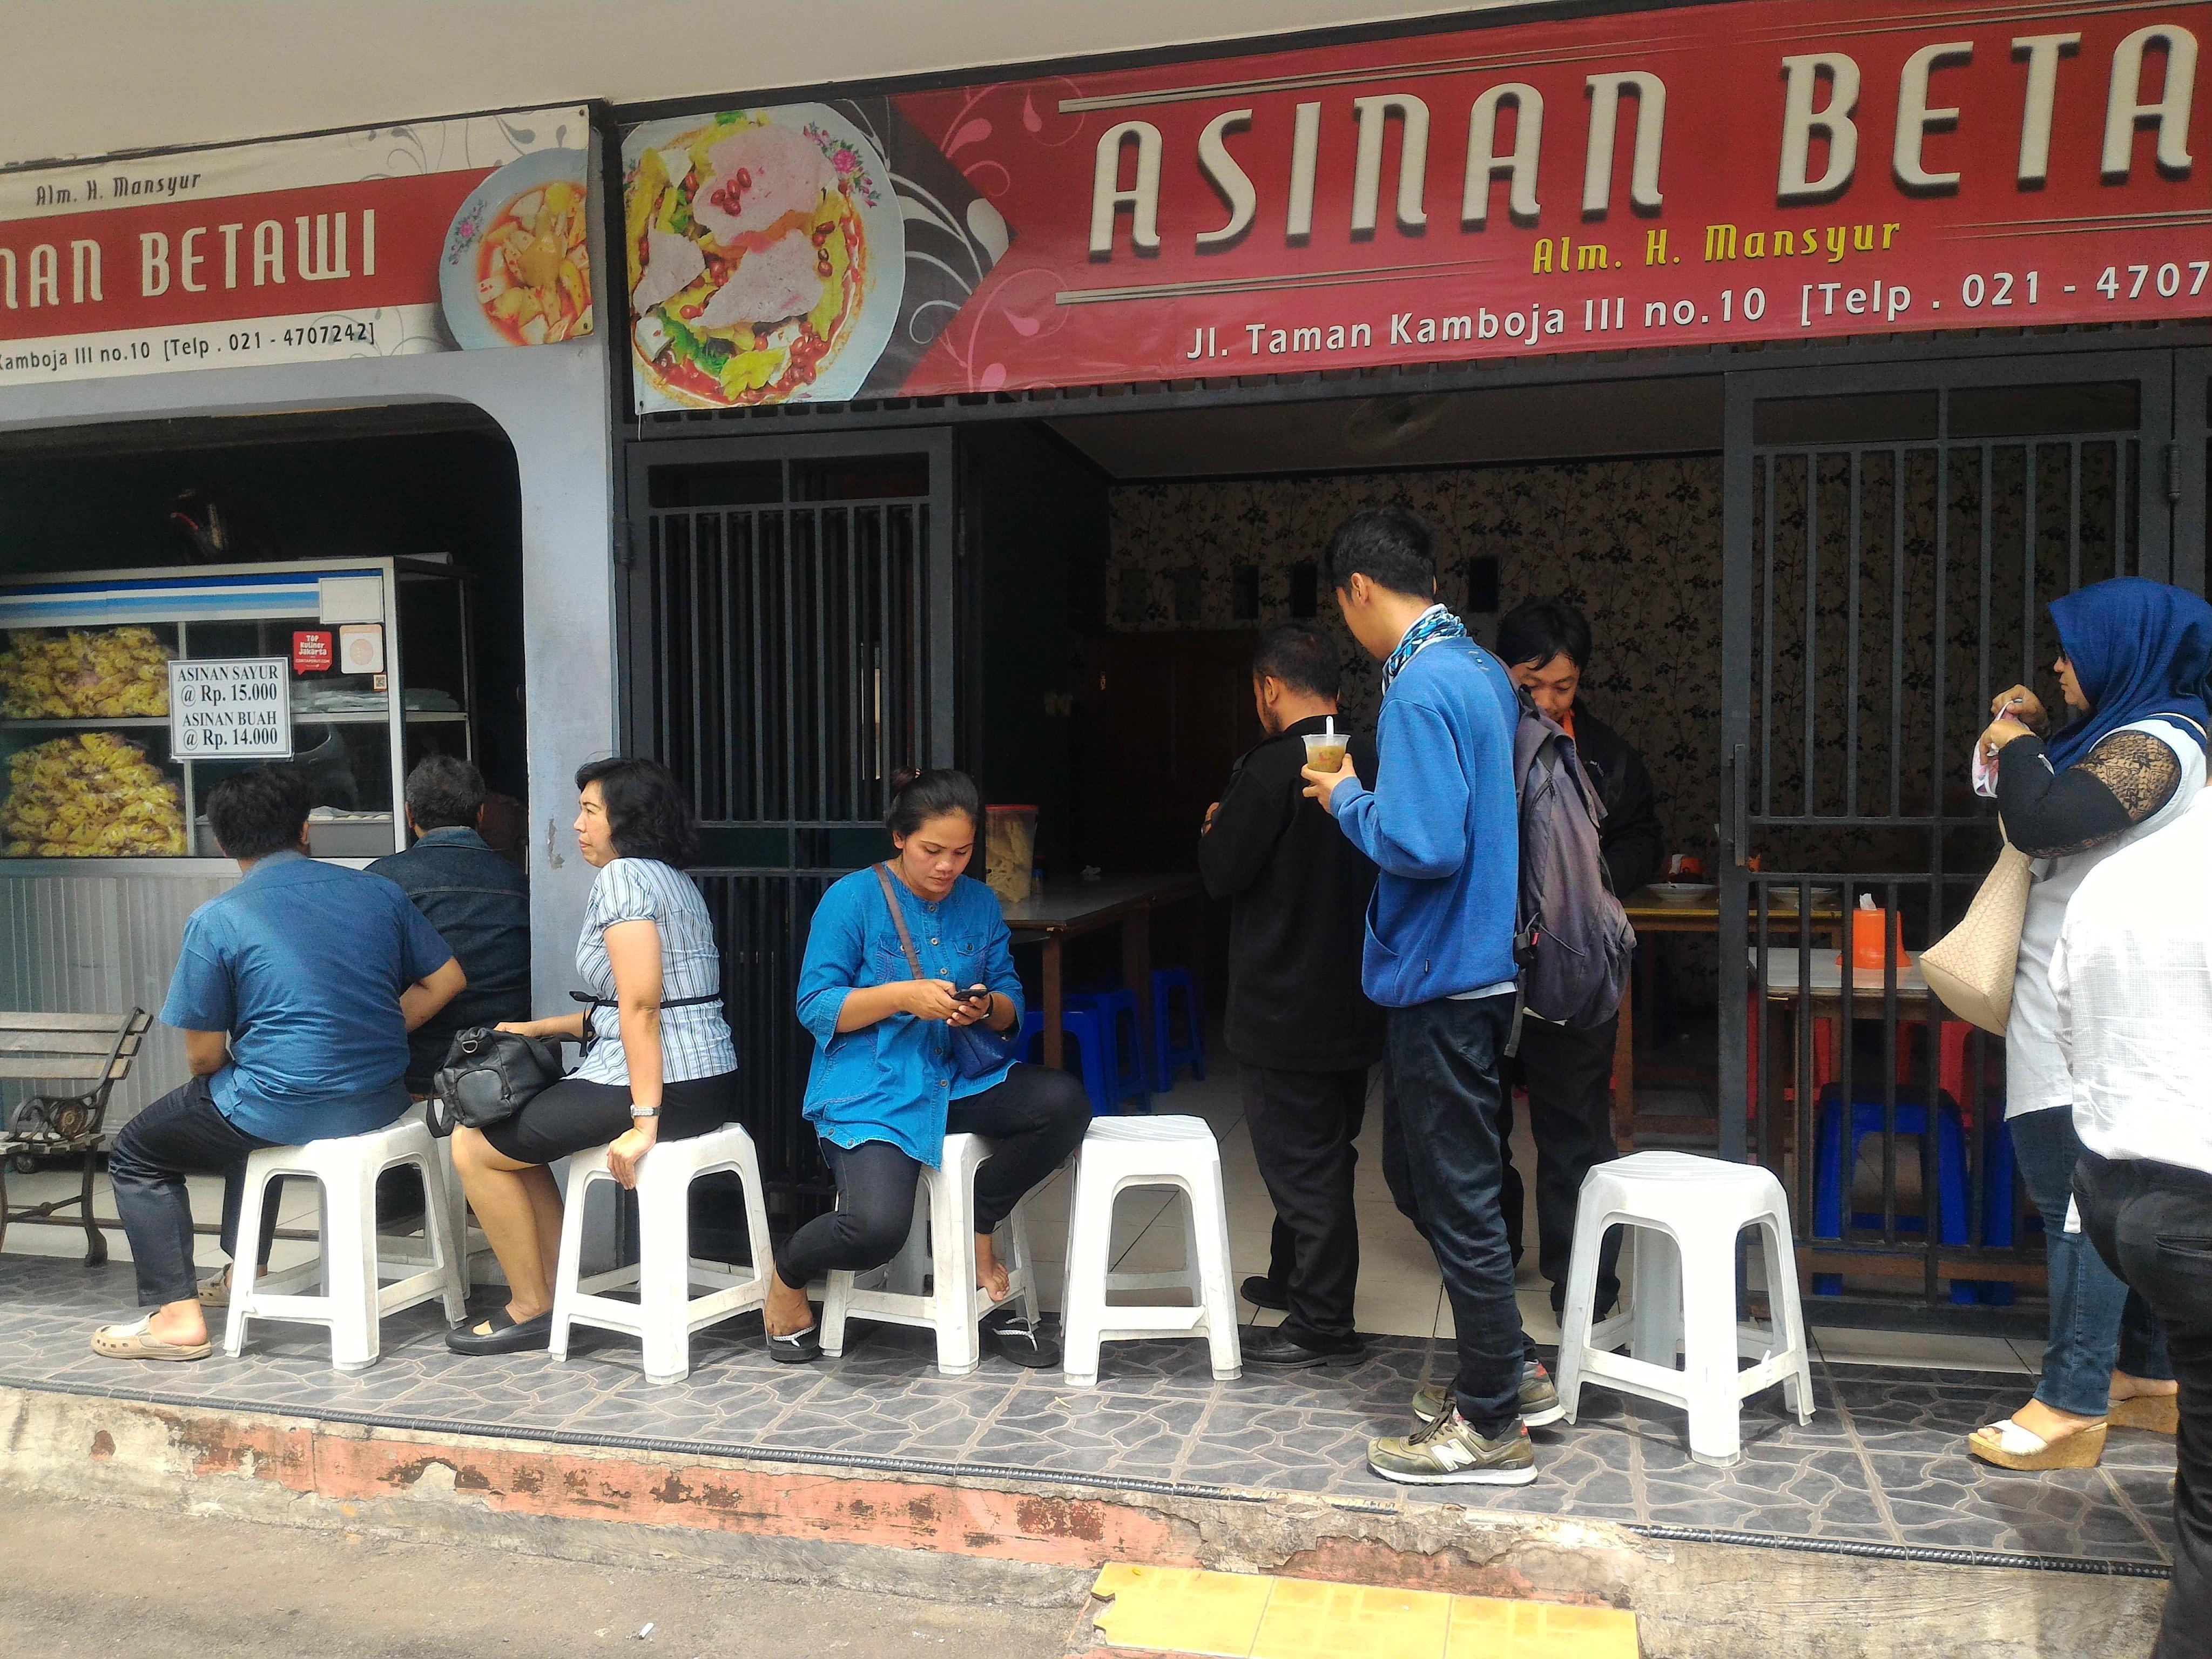 Asinan Betawi H. Mansyur / Asinan Kamboja Rawamangun